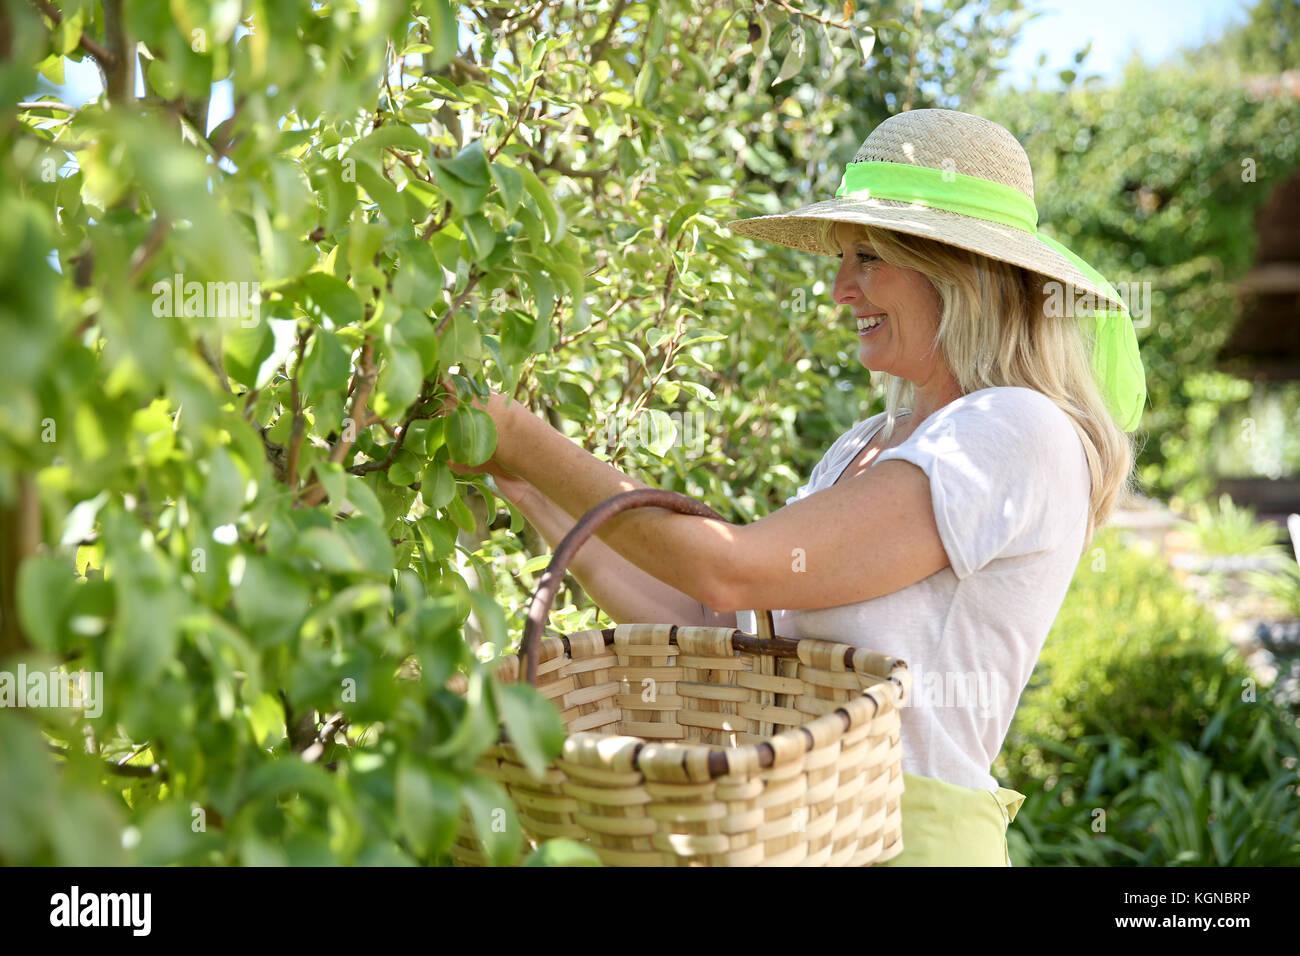 Sonriente mujer rubia recogiendo frutas de árbol Imagen De Stock